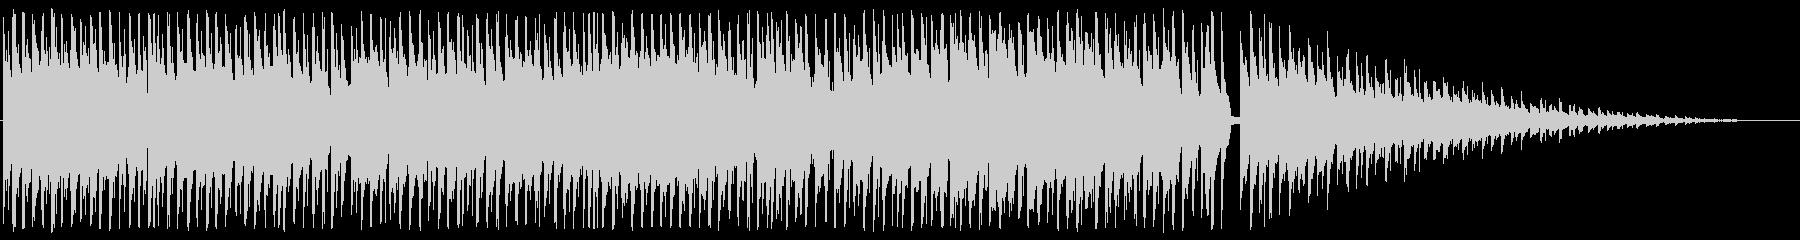 レトロ/エレクトロ_No455_5の未再生の波形